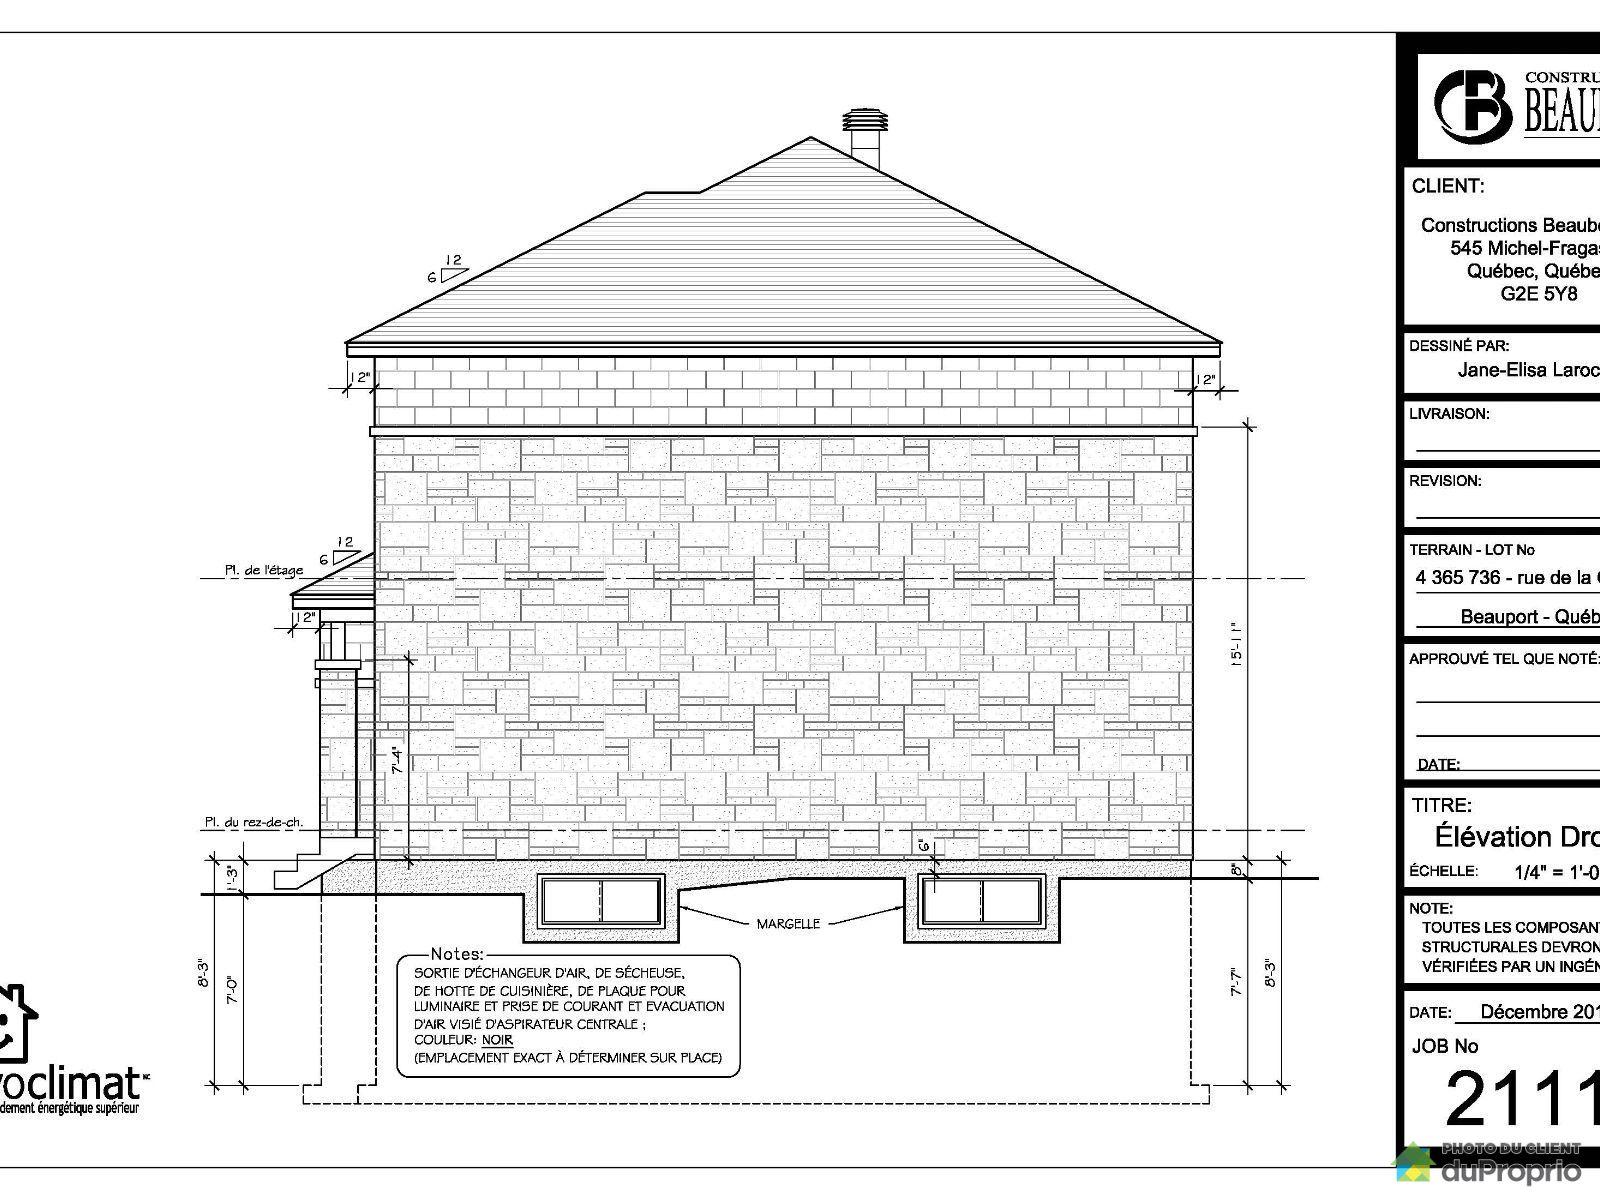 Maison vendre beauport 561 rue de la girouille - Plan de maison quebec ...